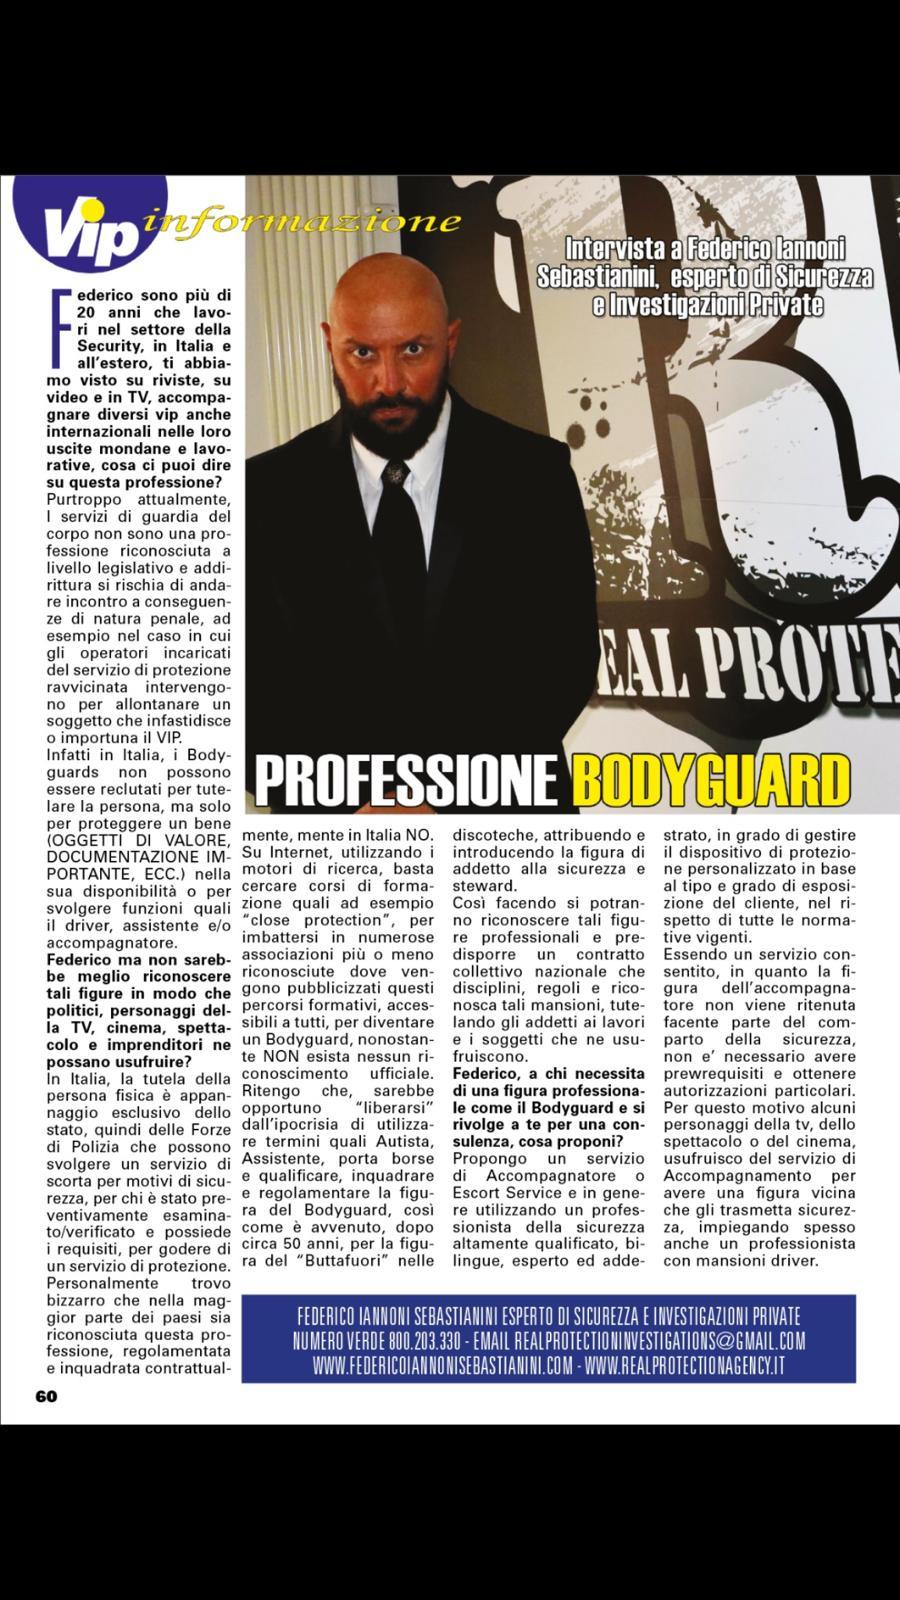 Intervista in anteprima, in uscita prevista per il 15 Ottobre, su mensile VIP, tematica trattata Professione Bodyguard